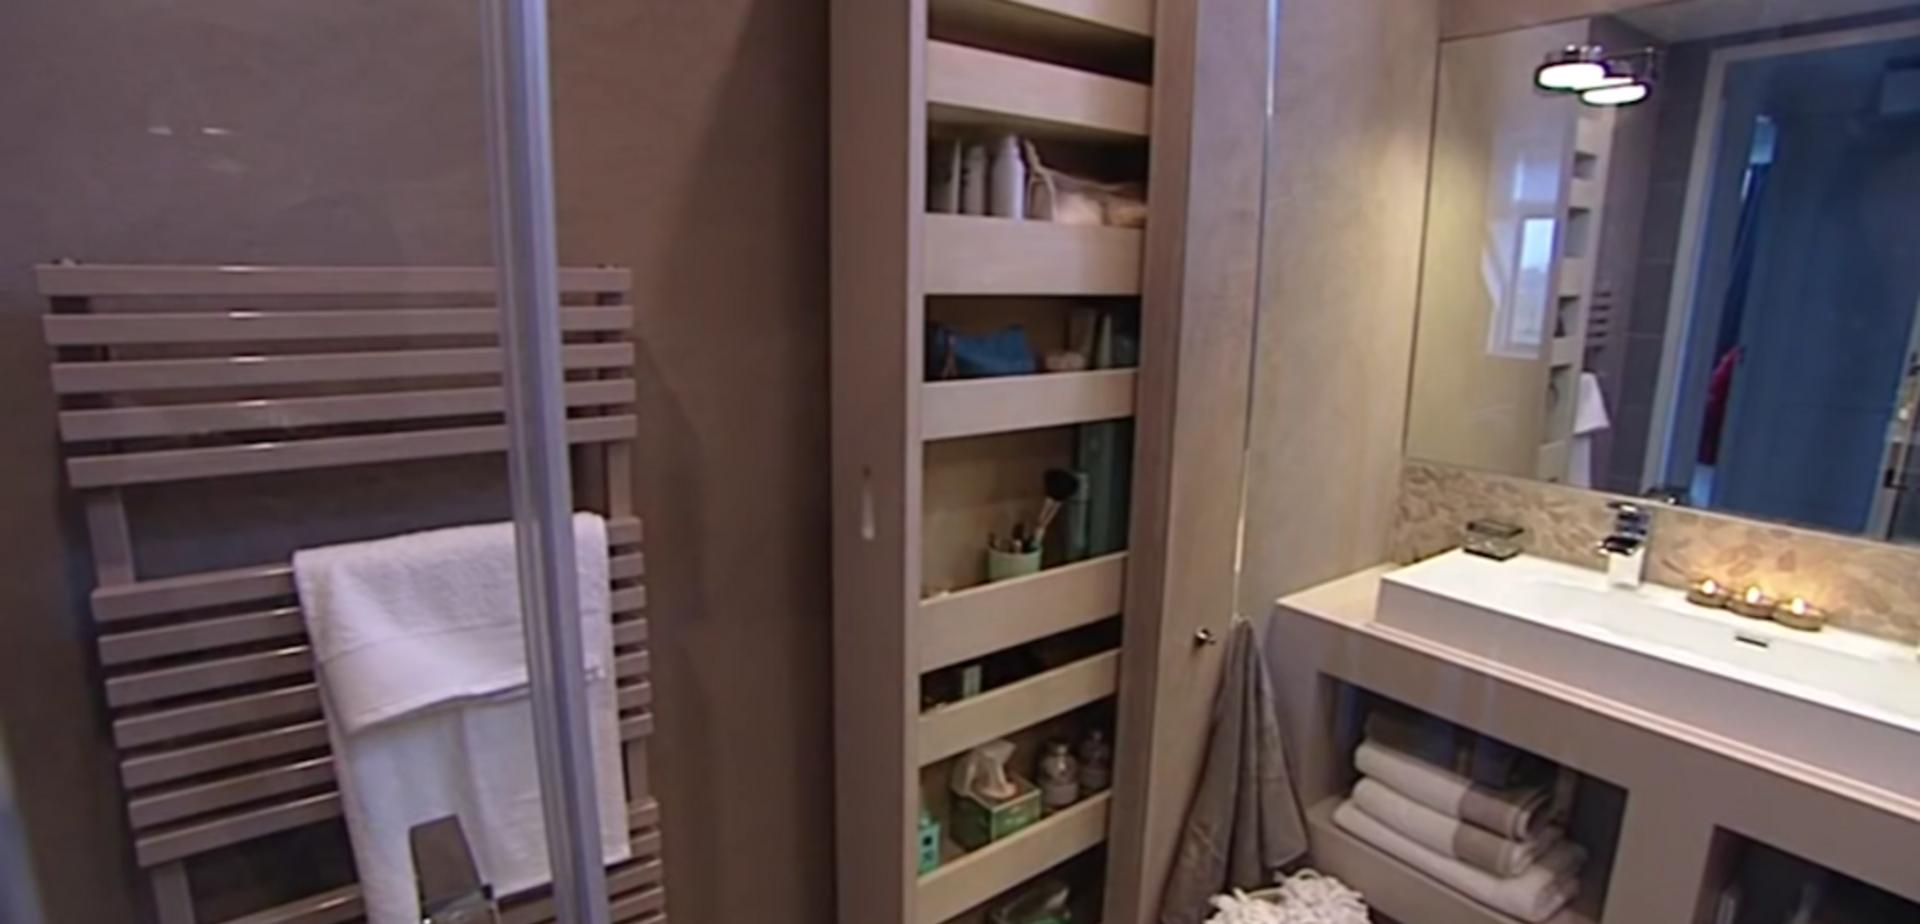 Apothekerskast voor in de badkamer - Voor de makers